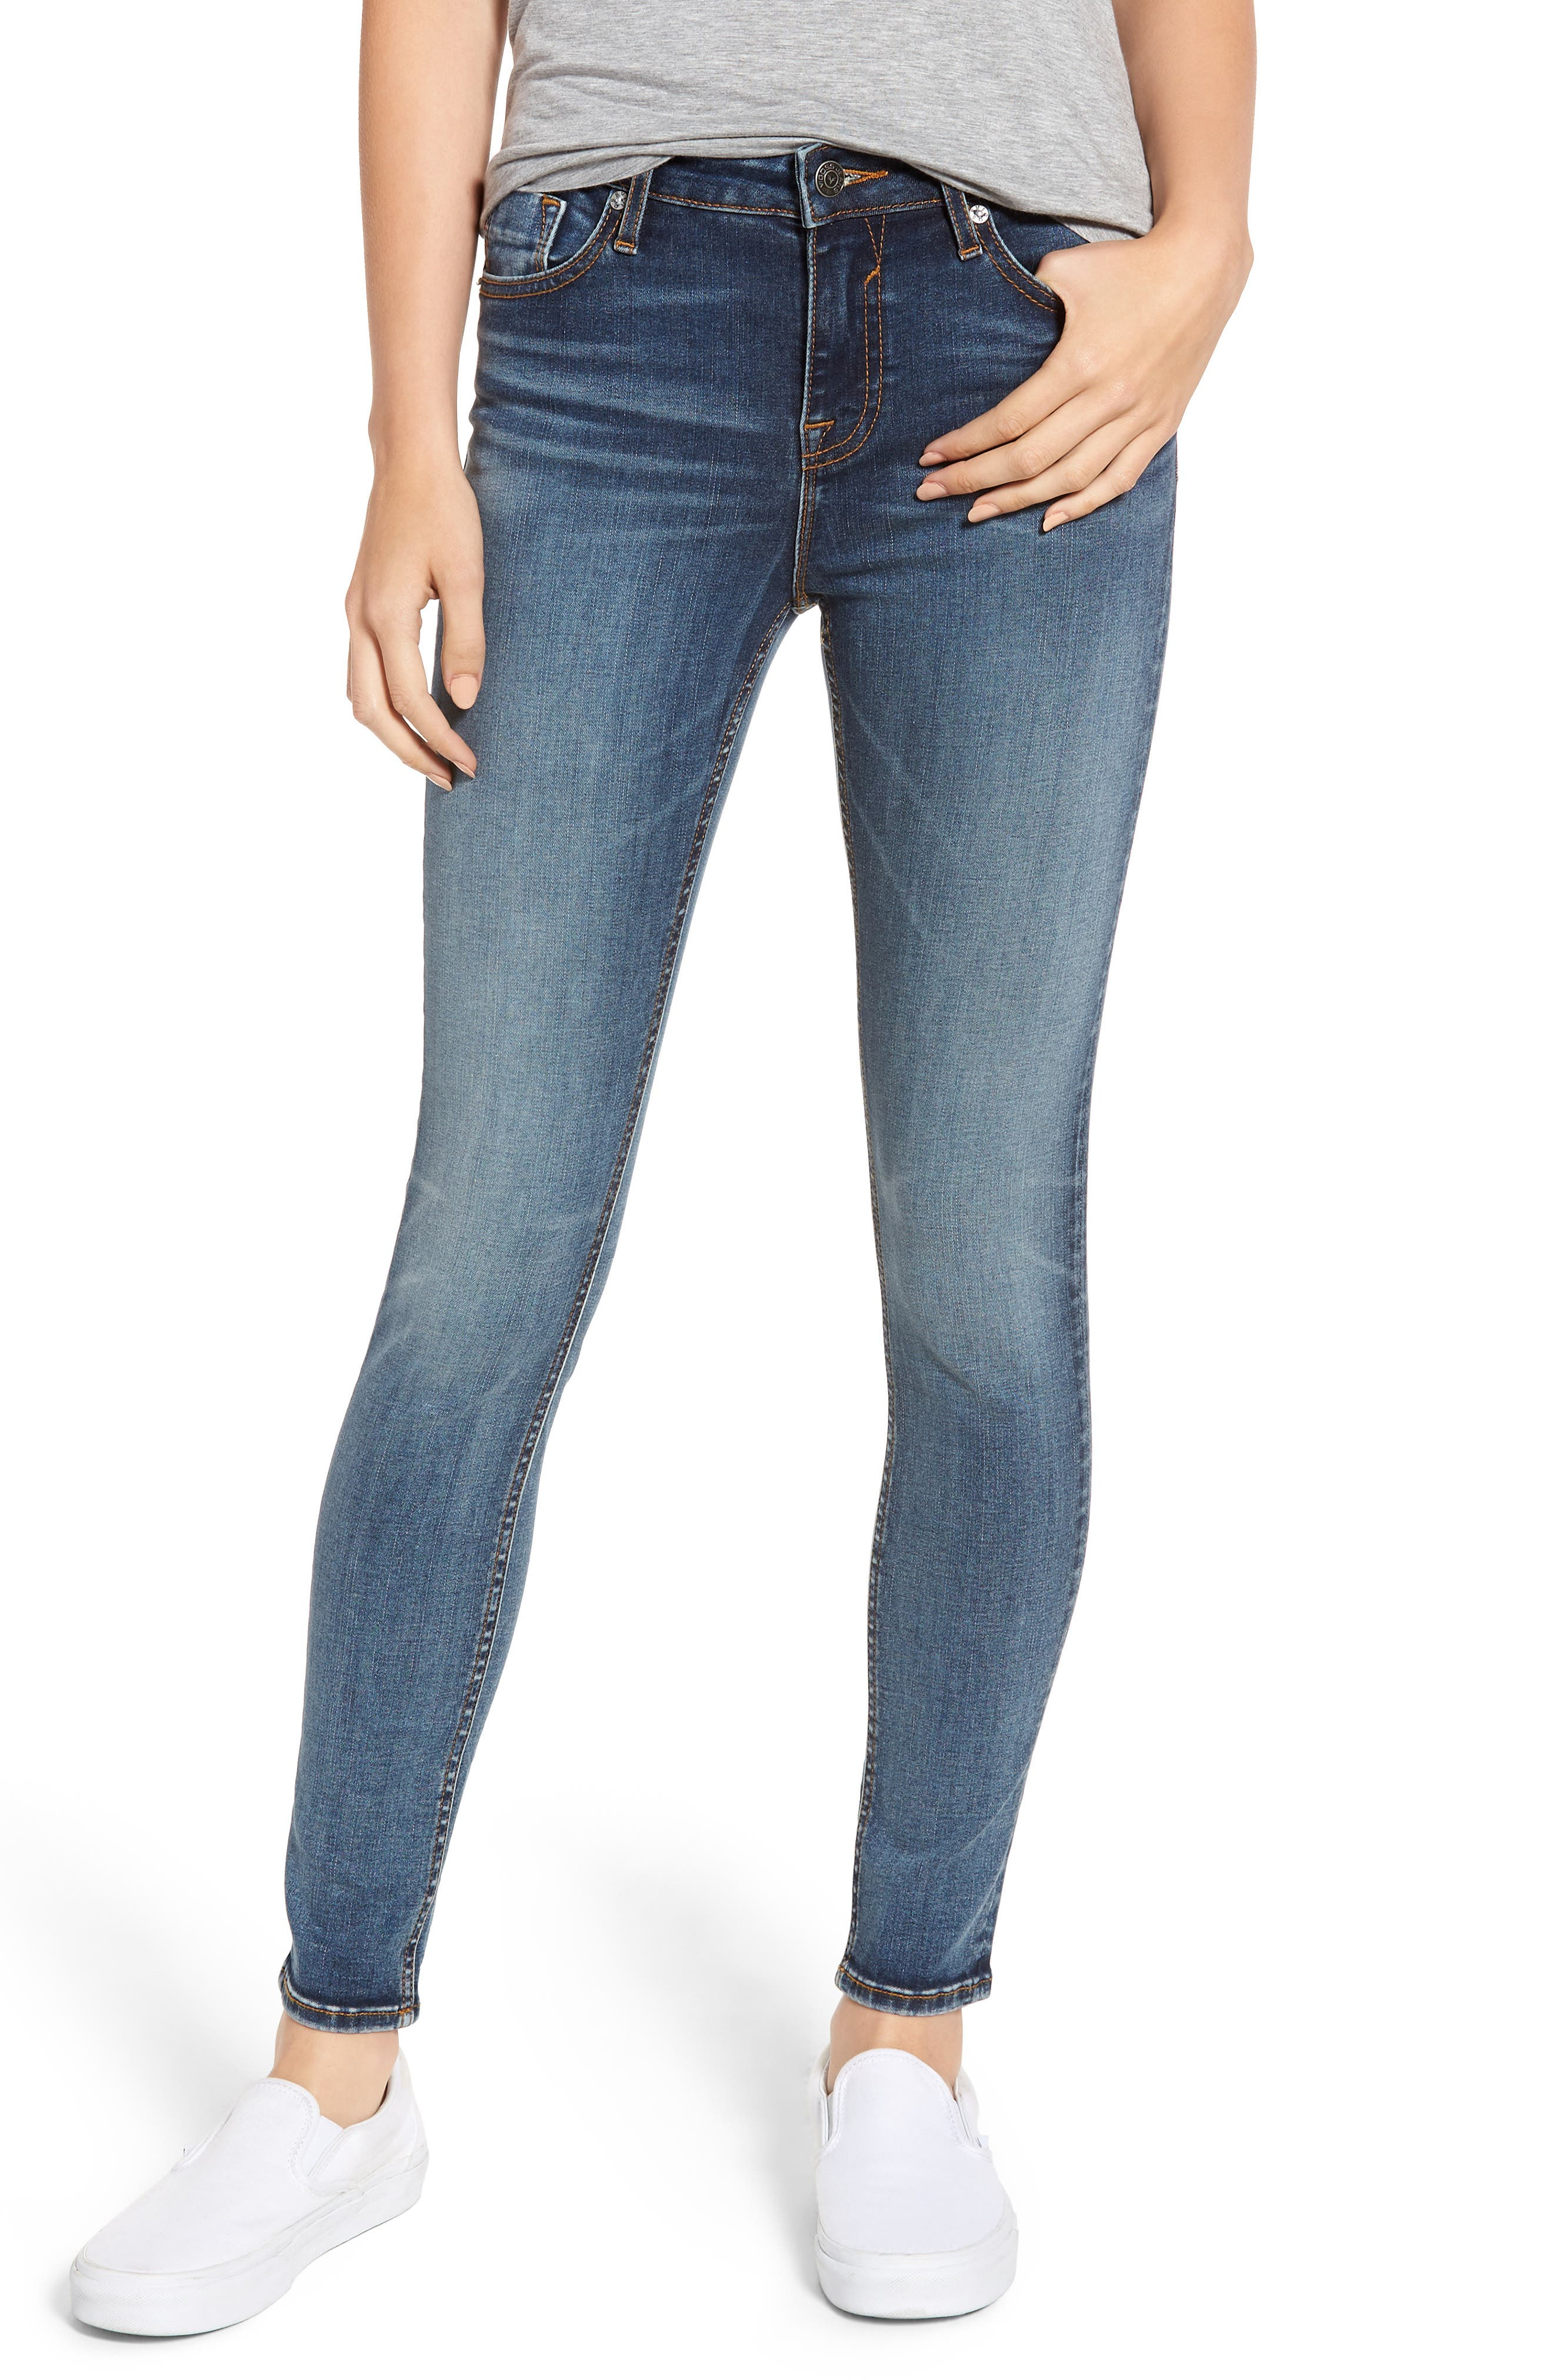 Marley Skinny Jeans,                         Main,                         color, MED WASH